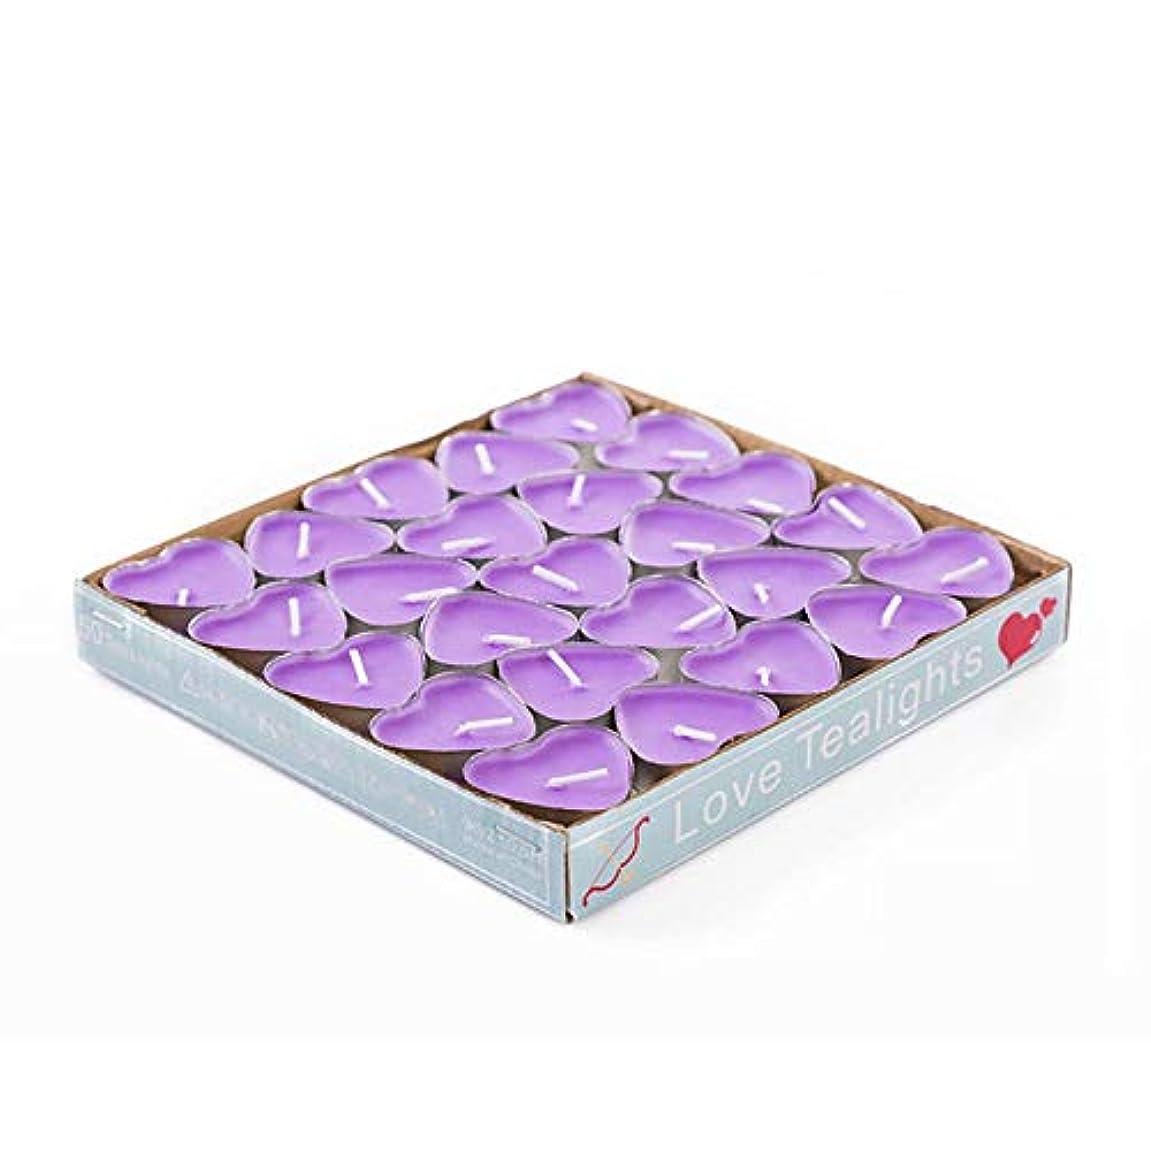 水数学住むHwagui ティー アロマキャンドル ハート型 人気 手作り 幅広い用途 バターキャンドル 温かい キャンドル 50個 2時間 ZH007